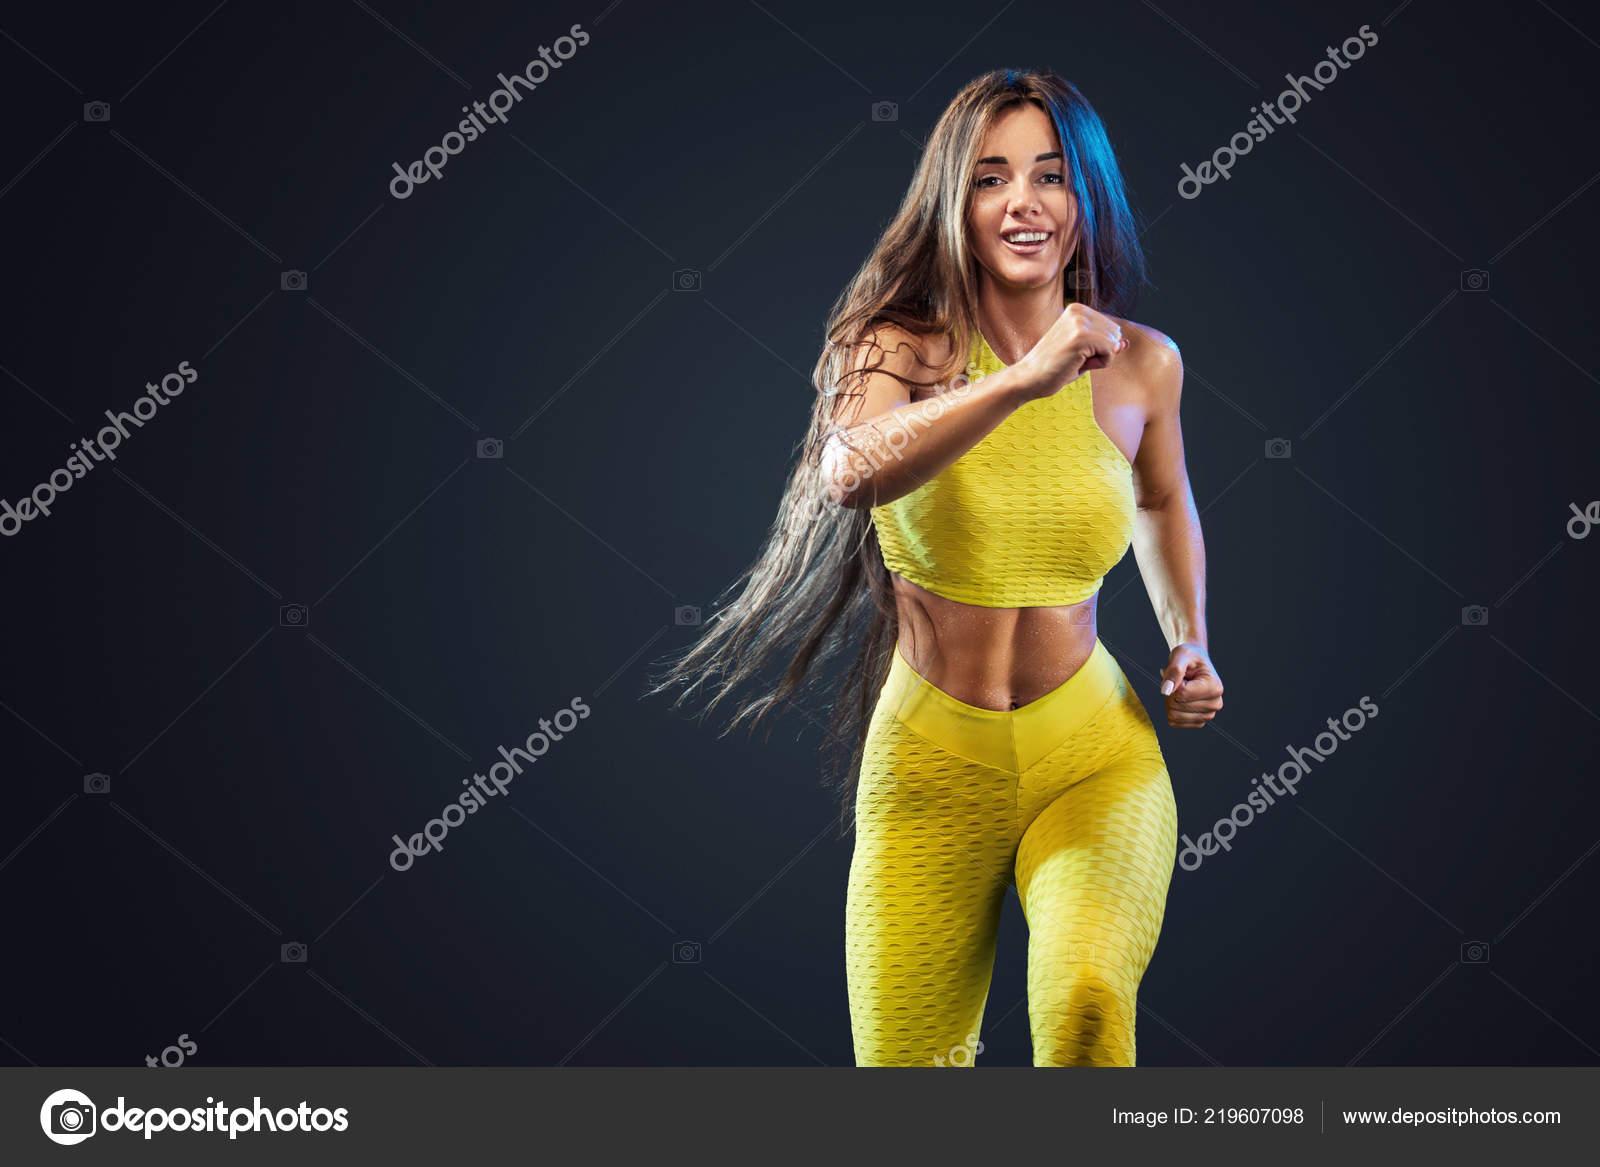 f64a4f71d887 Fuerte atlético, sprinter mujer, en fondo negro con amarillo ropa ...